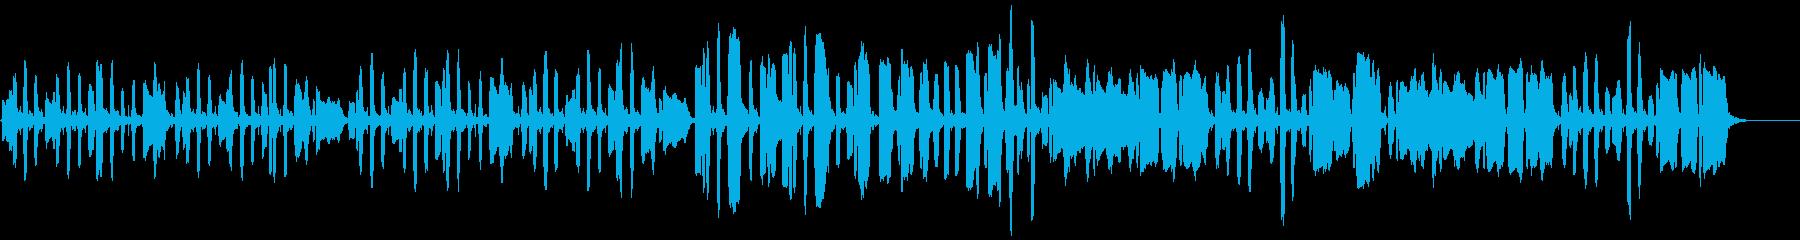 リコーダーのほのぼのBGMの再生済みの波形